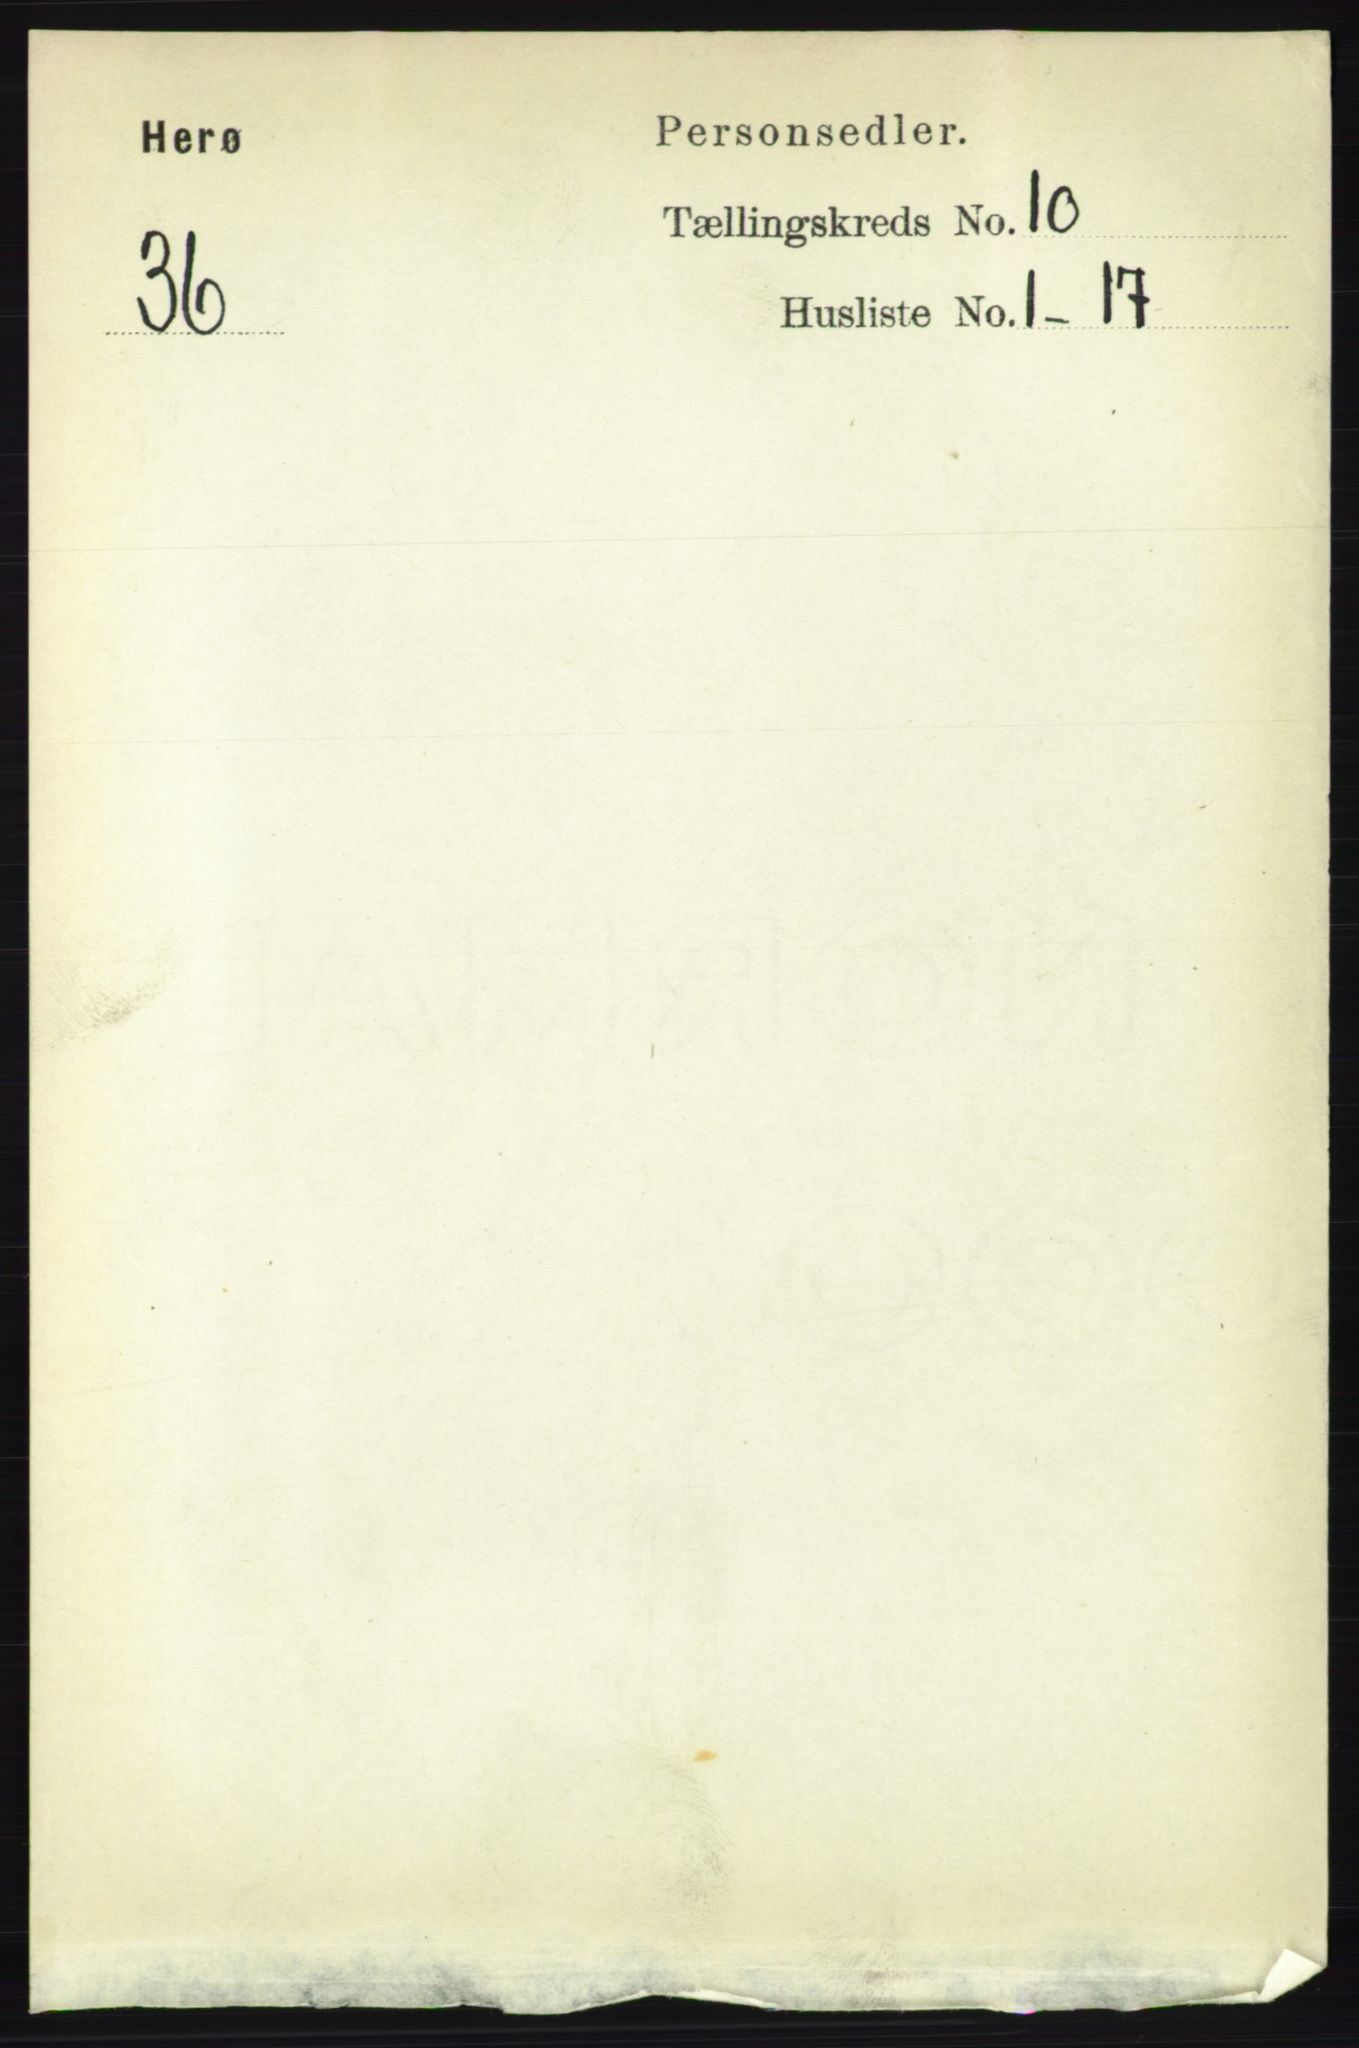 RA, Folketelling 1891 for 1818 Herøy herred, 1891, s. 3911